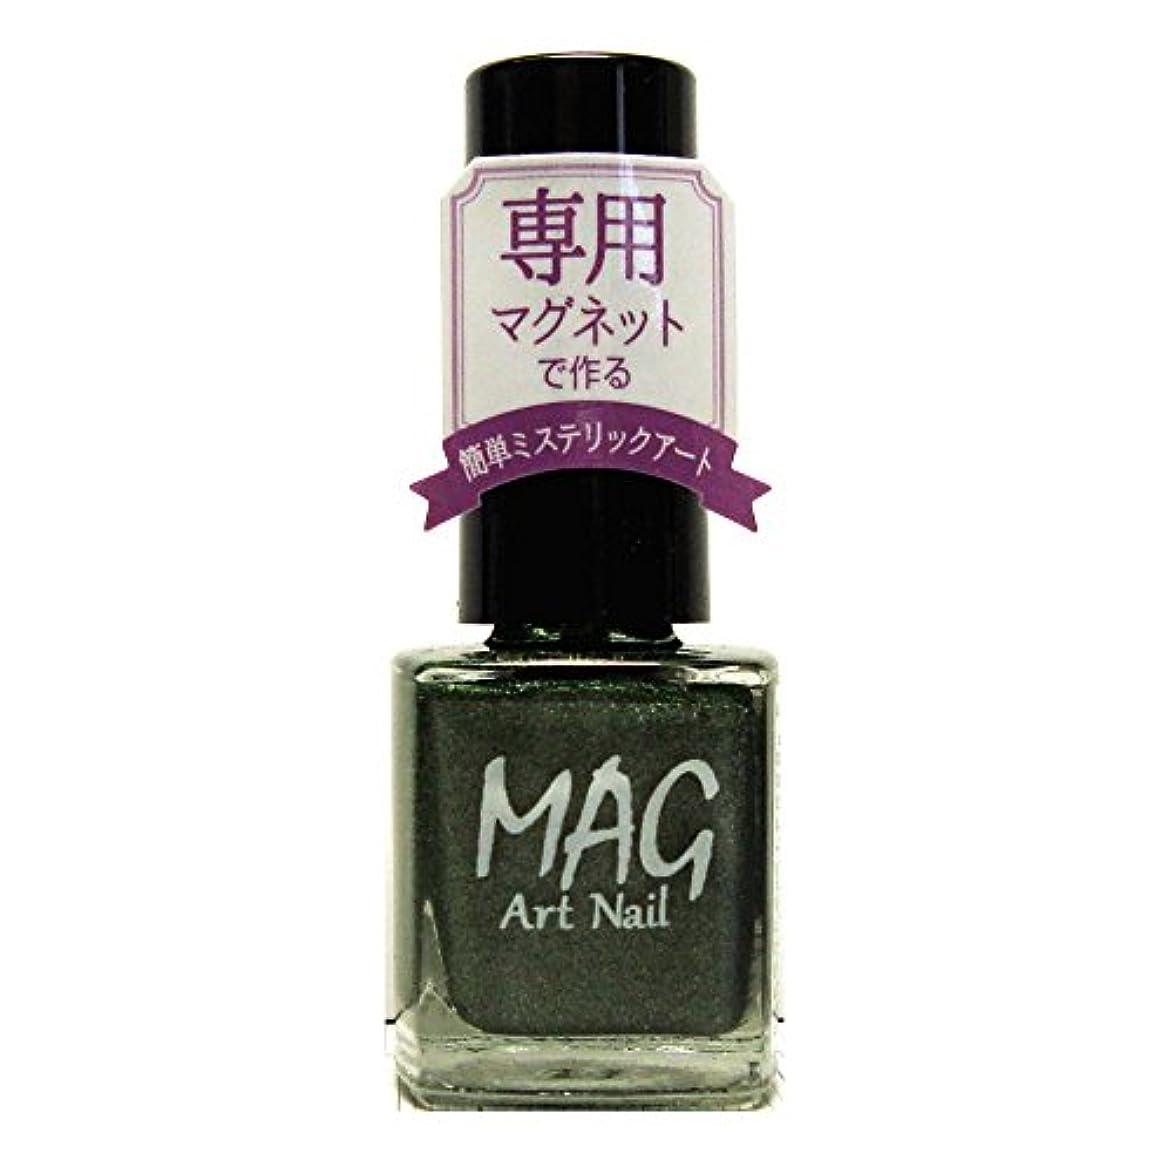 署名センチメートル操作TMマグアートネイル(爪化粧料) TMMA1602 フォレストグリーン